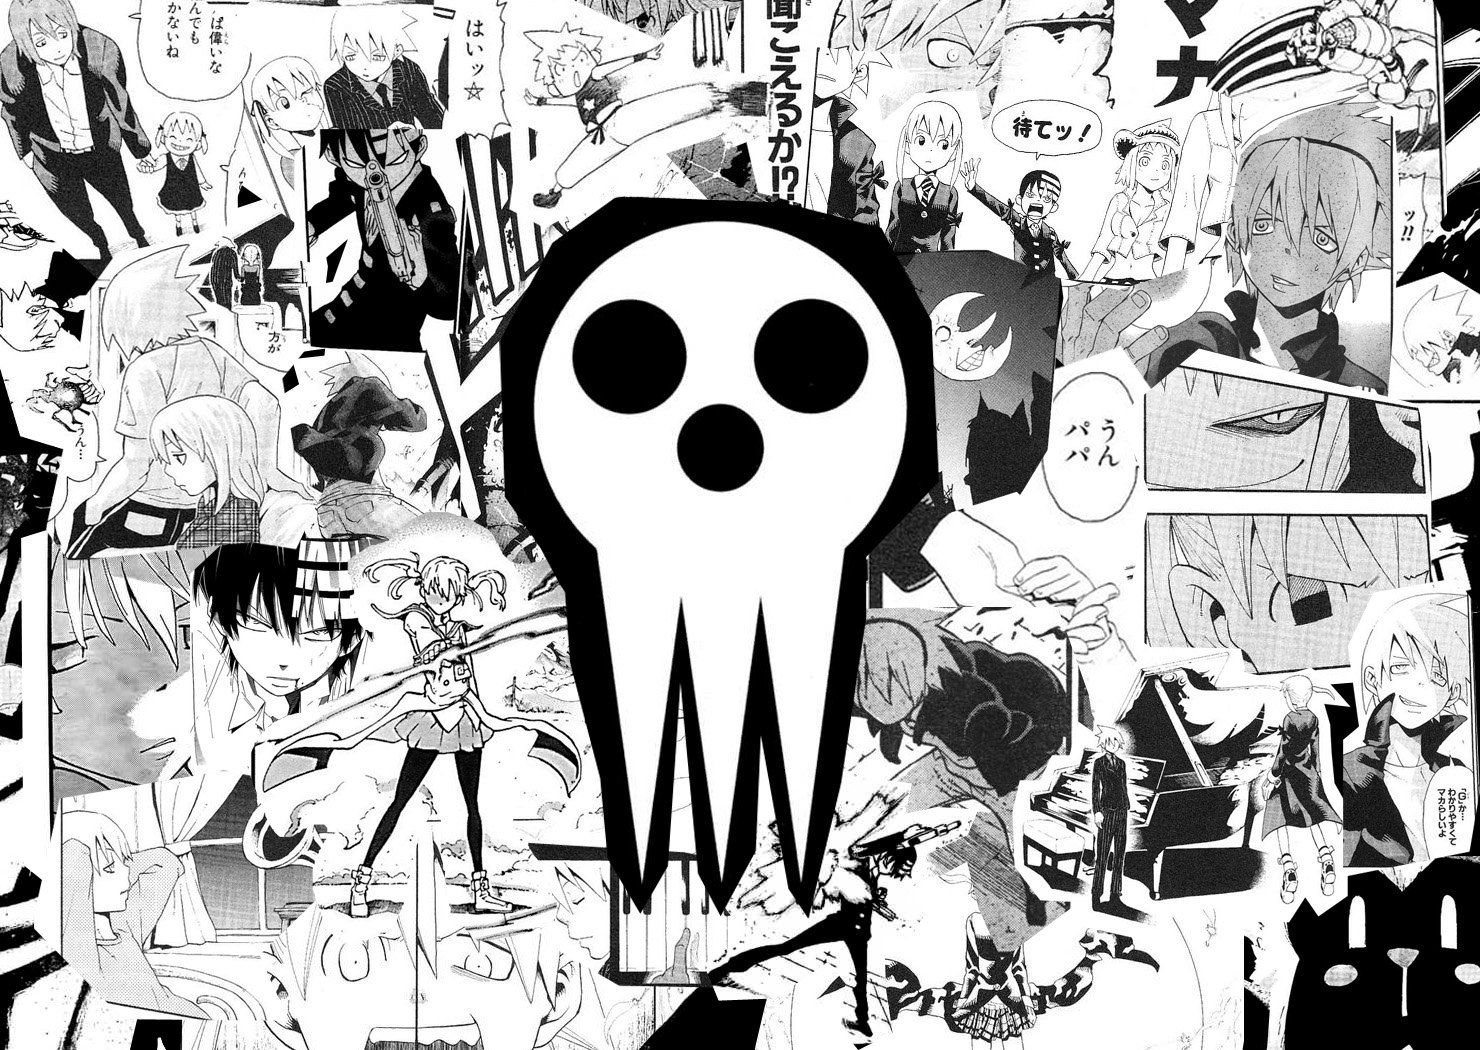 Soul Eater Wallpaper 1366x768 Soul eater, Soul eater